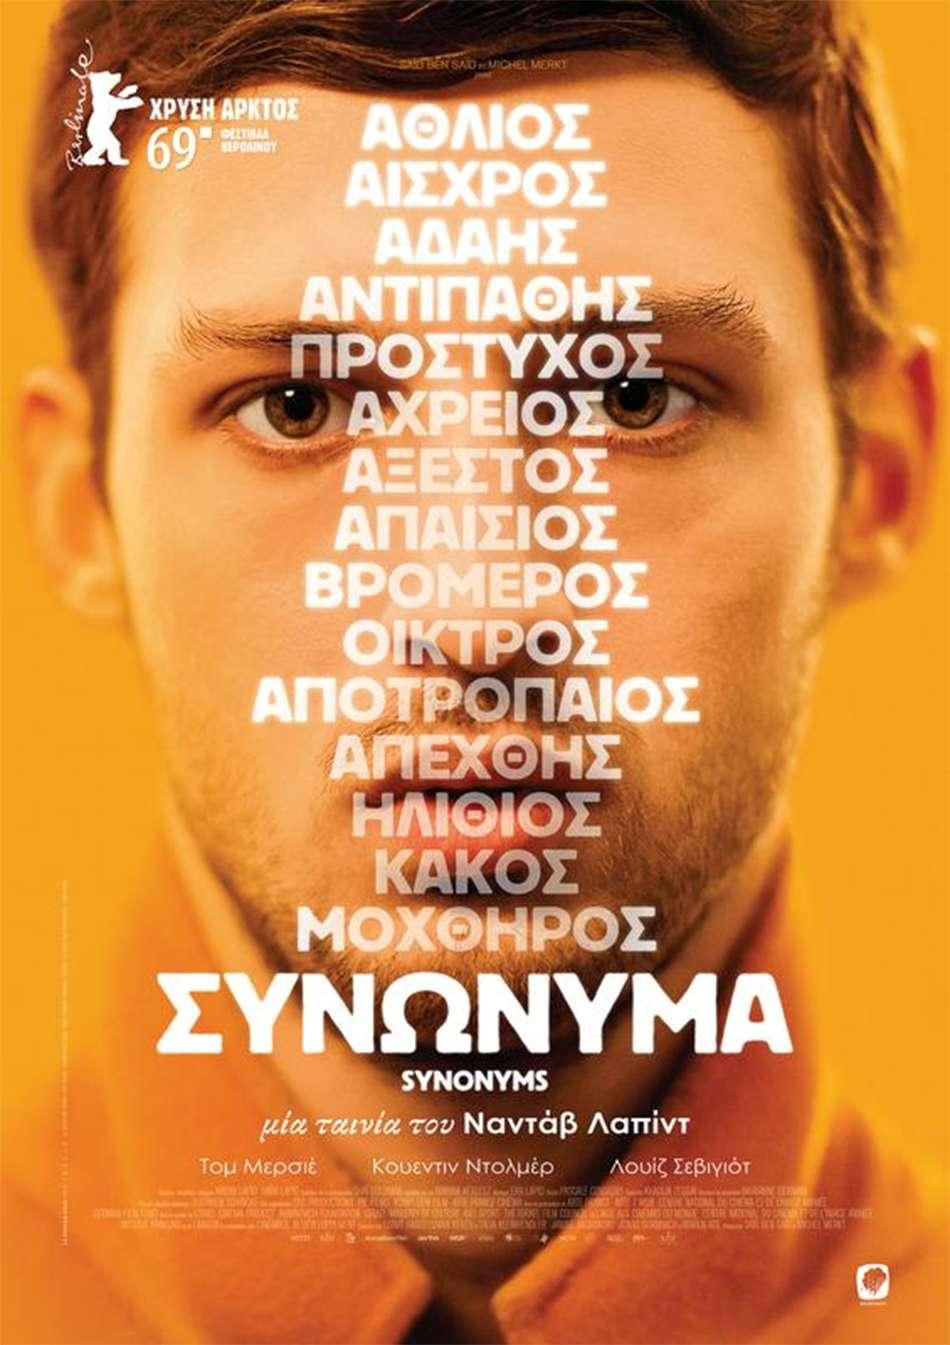 Συνώνυμα (Synonymes / Synonyms) Poster Πόστερ